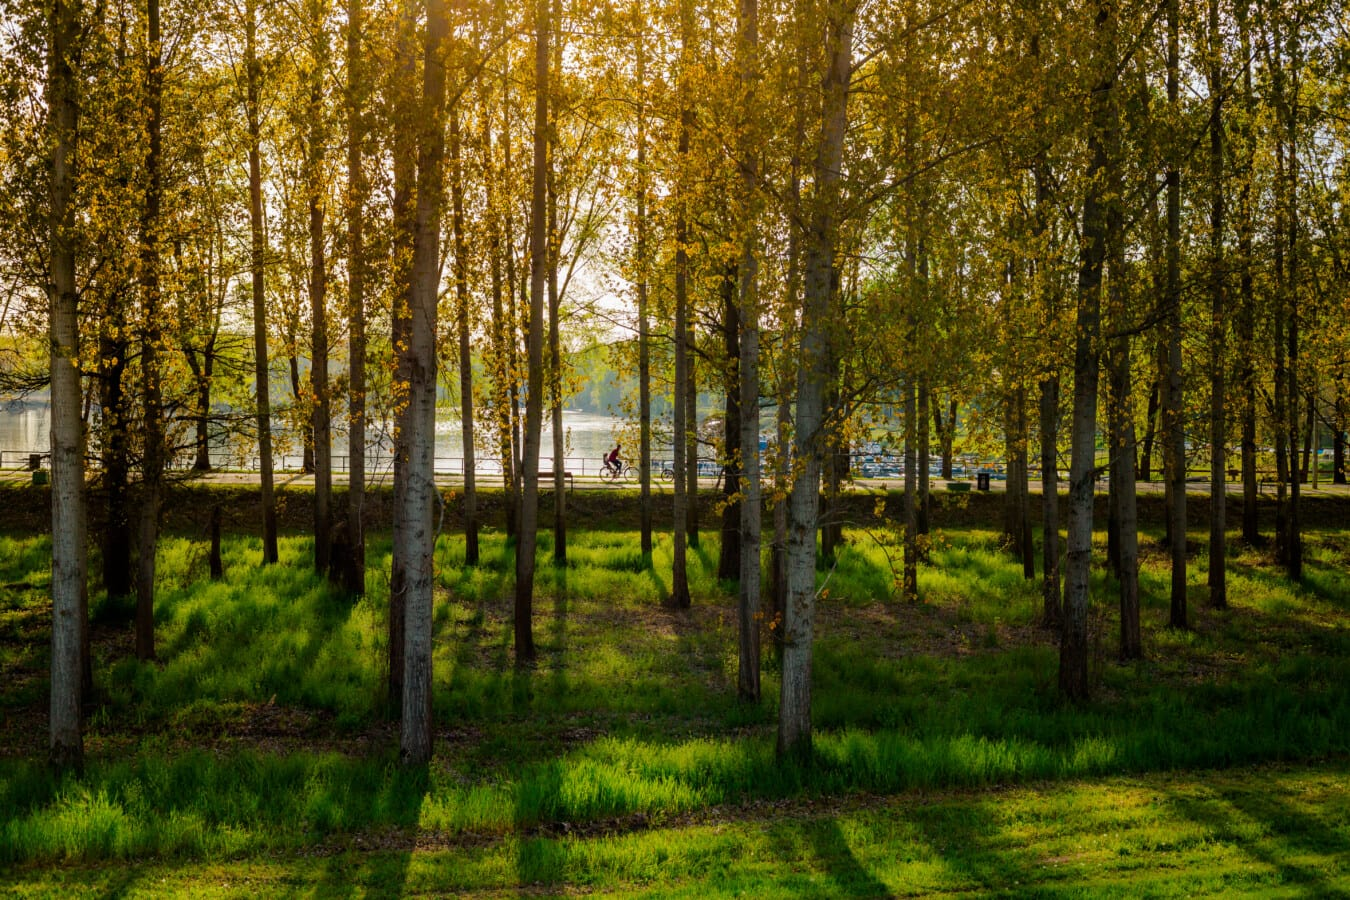 zona di villeggiatura, strada, foresta, alberi, retroilluminato, pioppo, Alba, parco, interruttore, foglia